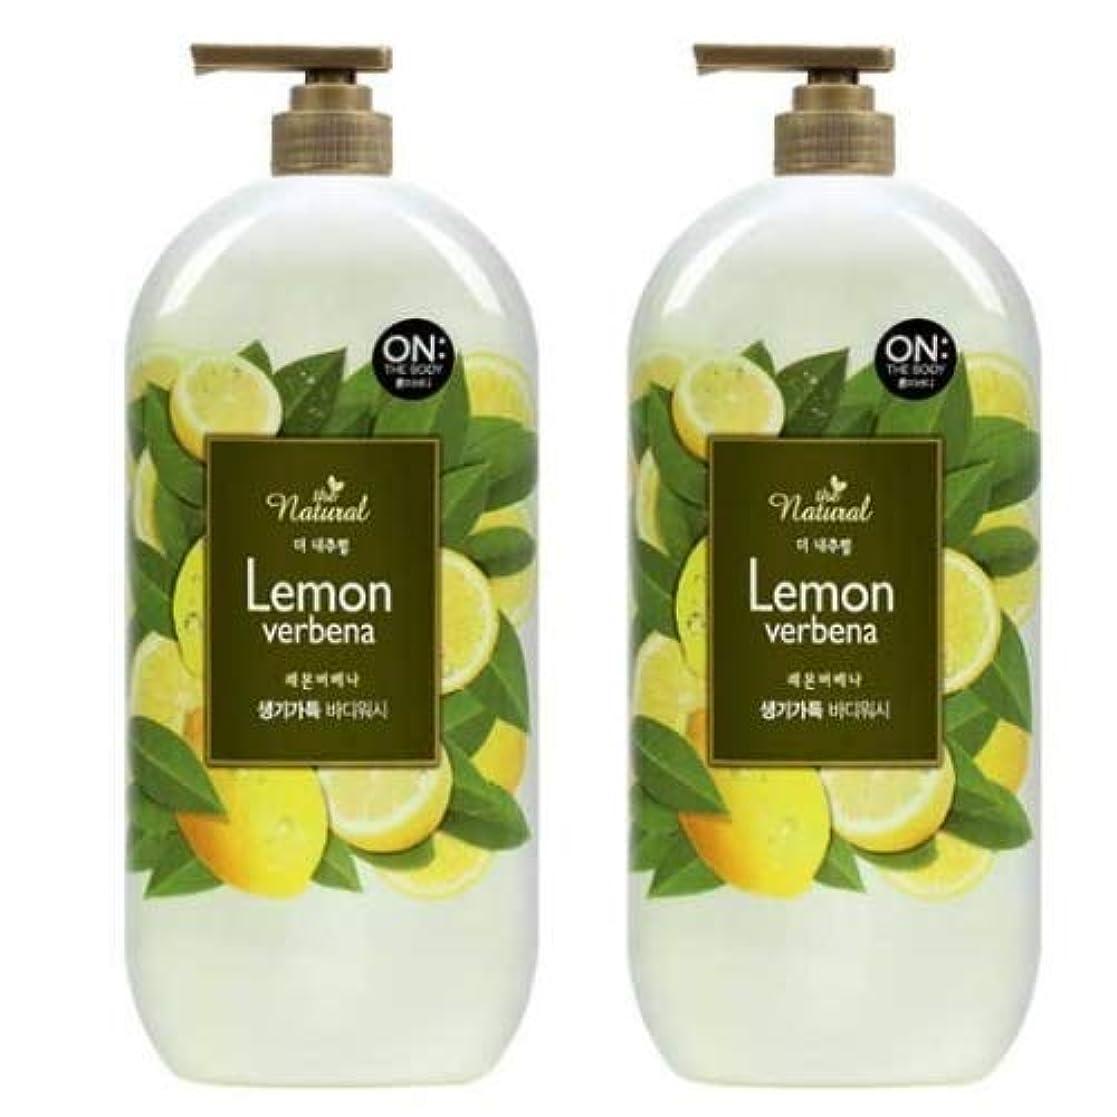 個人的な線形湿原[LG HnB] On the Body The Natural Body Wash / オンザボディよりナチュラルウォッシュ900gx2個(海外直送品)